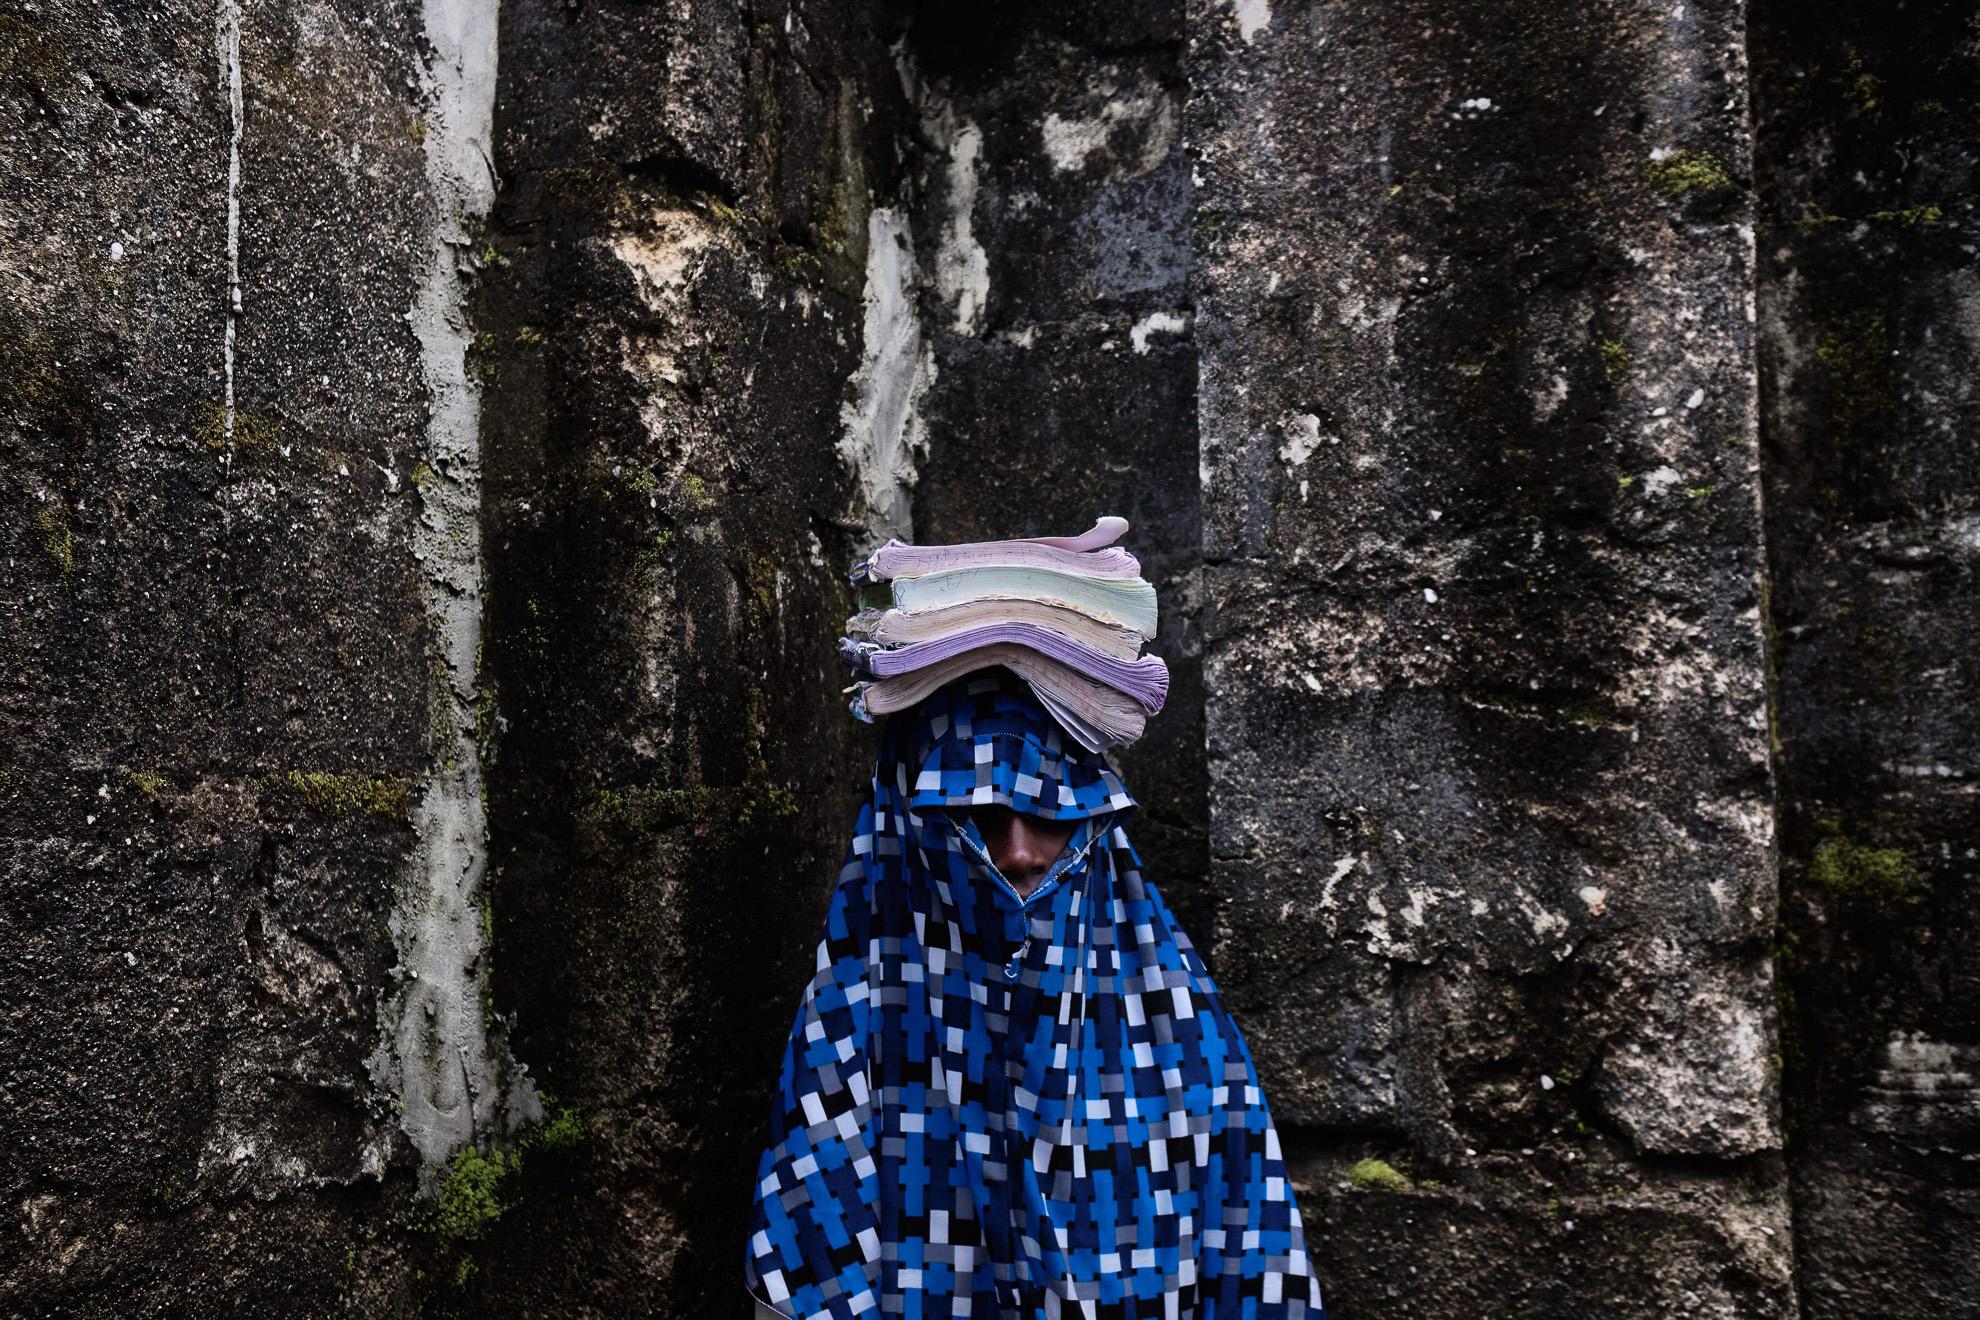 Jamilah (nombre ficticio) tiene 14 años. Vive en Kofa, noreste de Nigeria. Fue secuestrada por Boko Haram después de una redada en la granja familiar que dejó a su padre medio ciego. Fue violada por 7 hombres su primera noche en cautiverio, lo que la dejó sangrando continuamente durante nueve meses. En su mal estado de salud, la pretendían dejar morir, pero fue encontrada por los vigilantes. Ahora asiste a clases organizadas en una escuela improvisada de turnos. Sueña con ser médico.